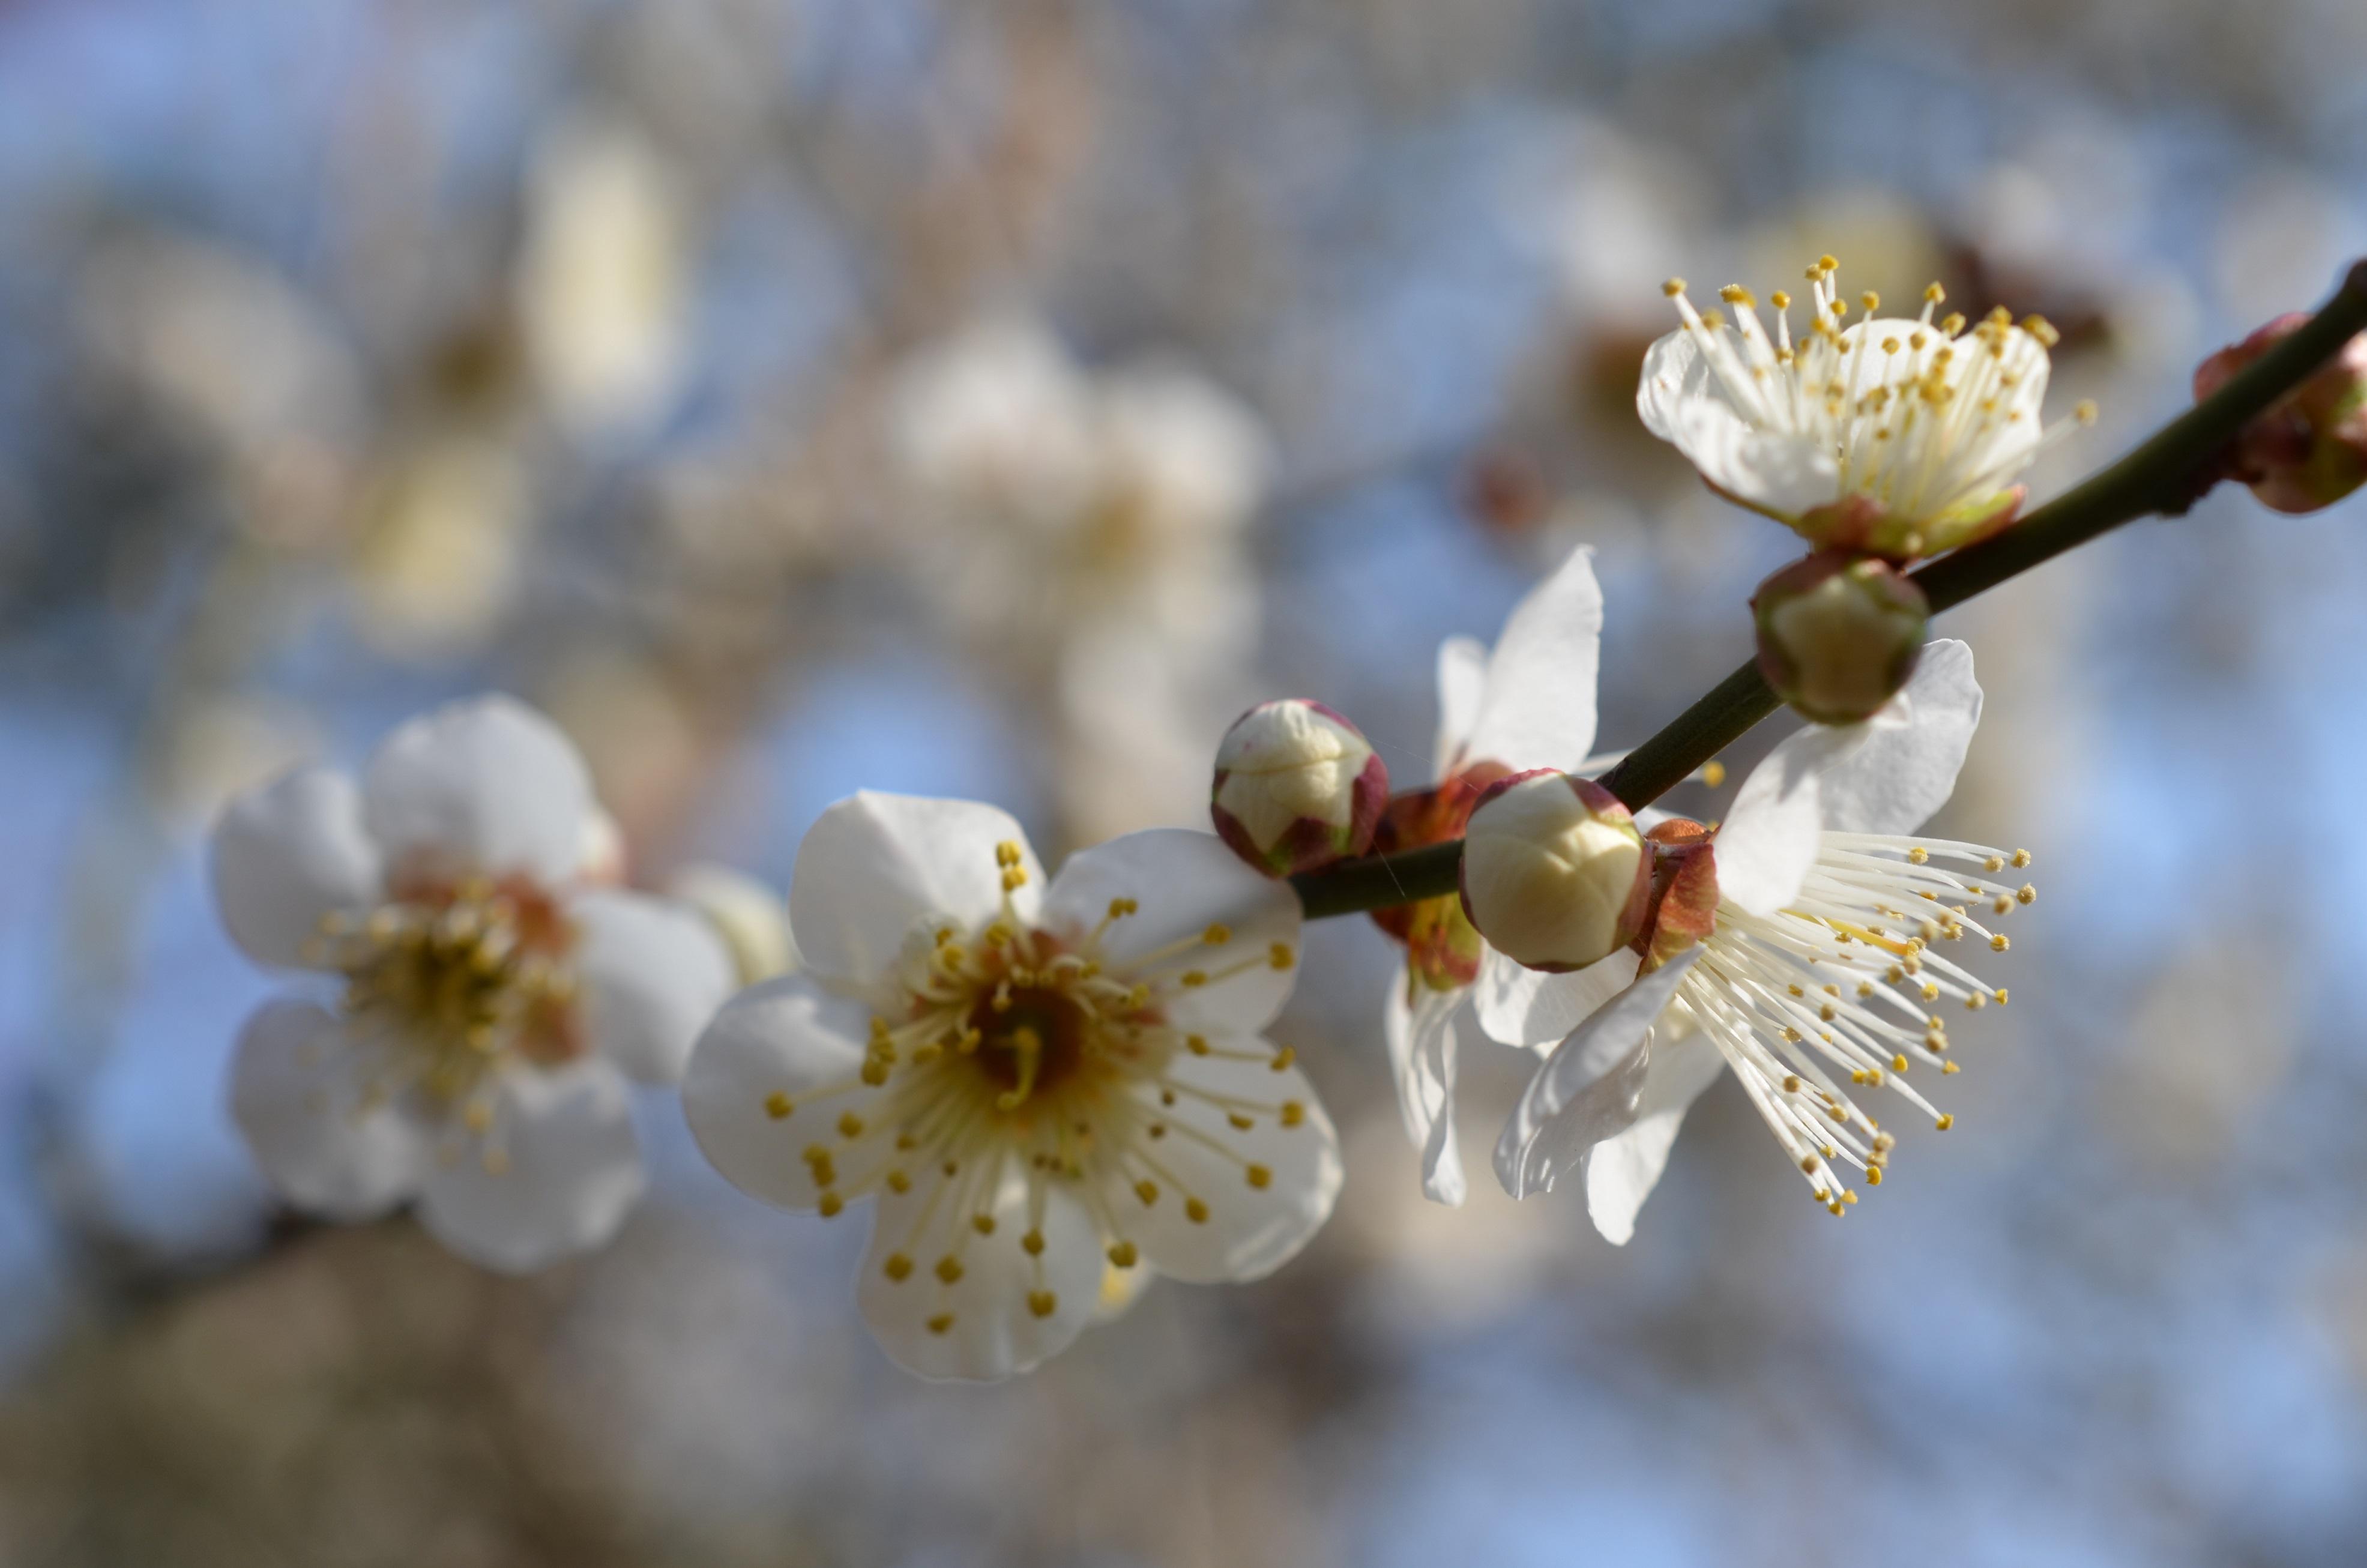 近所の梅の花が見事だった。 #フォト